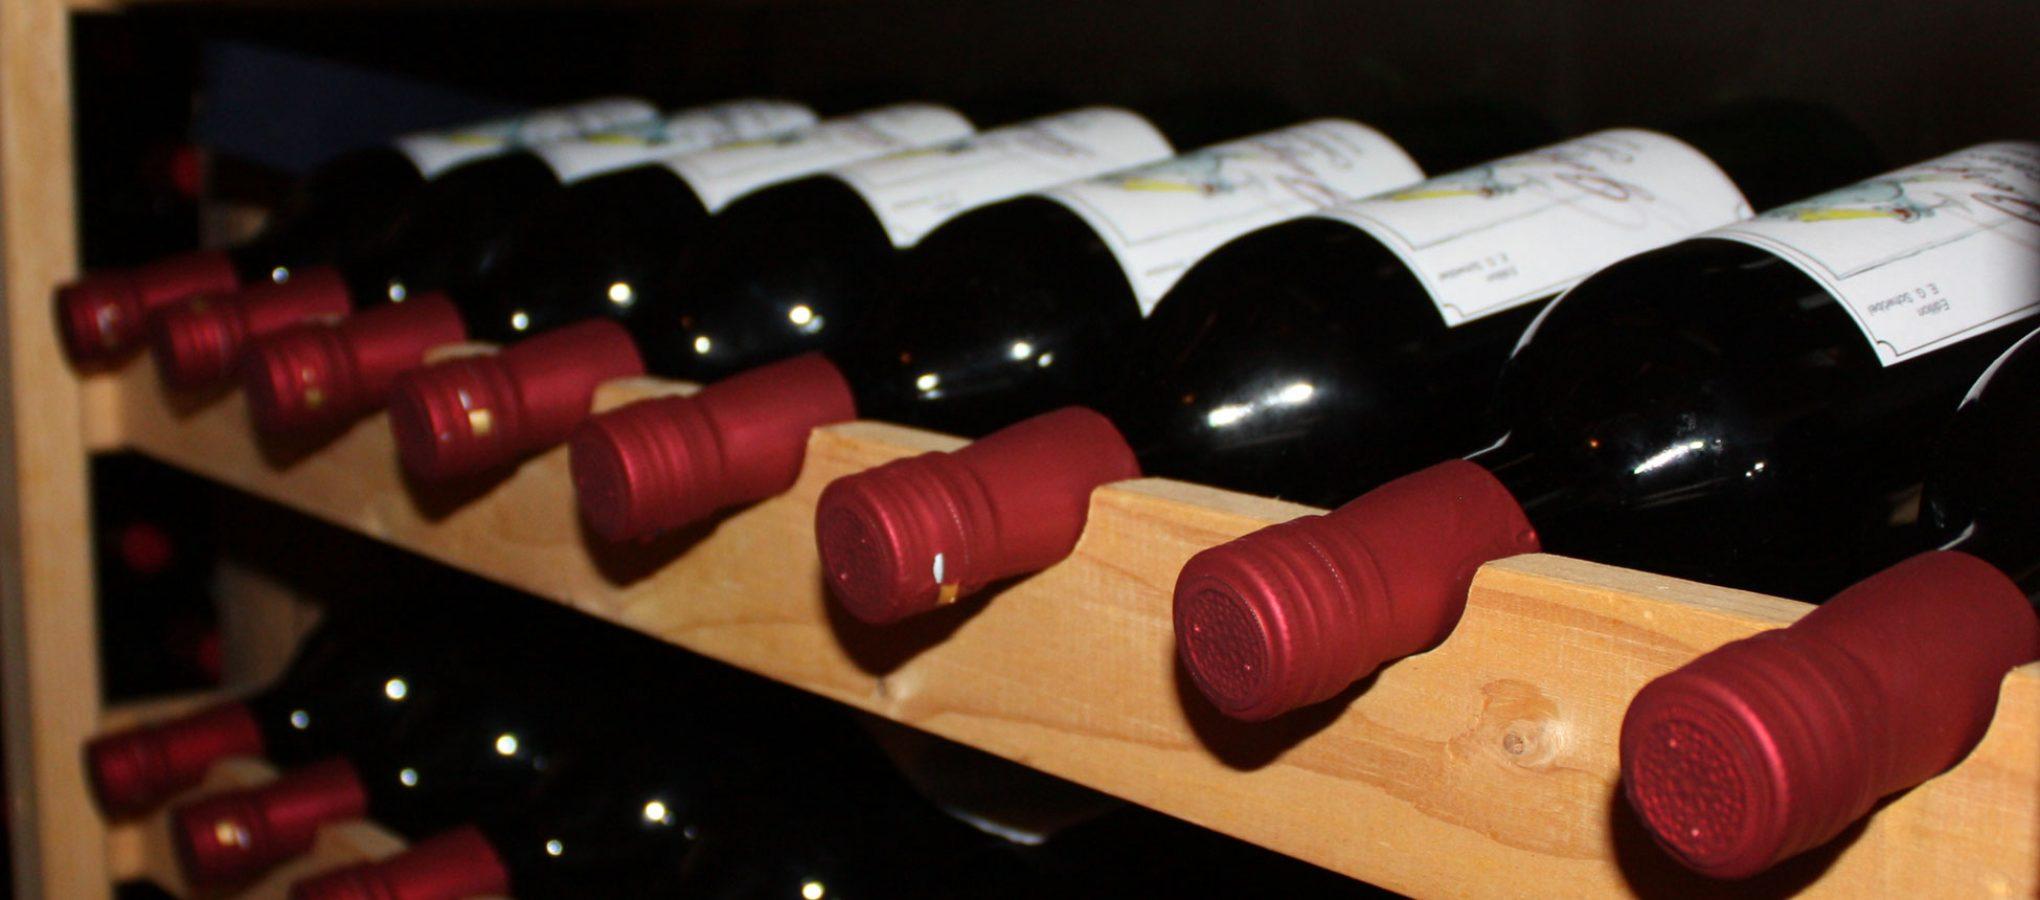 Weinflaschen im Weinregal